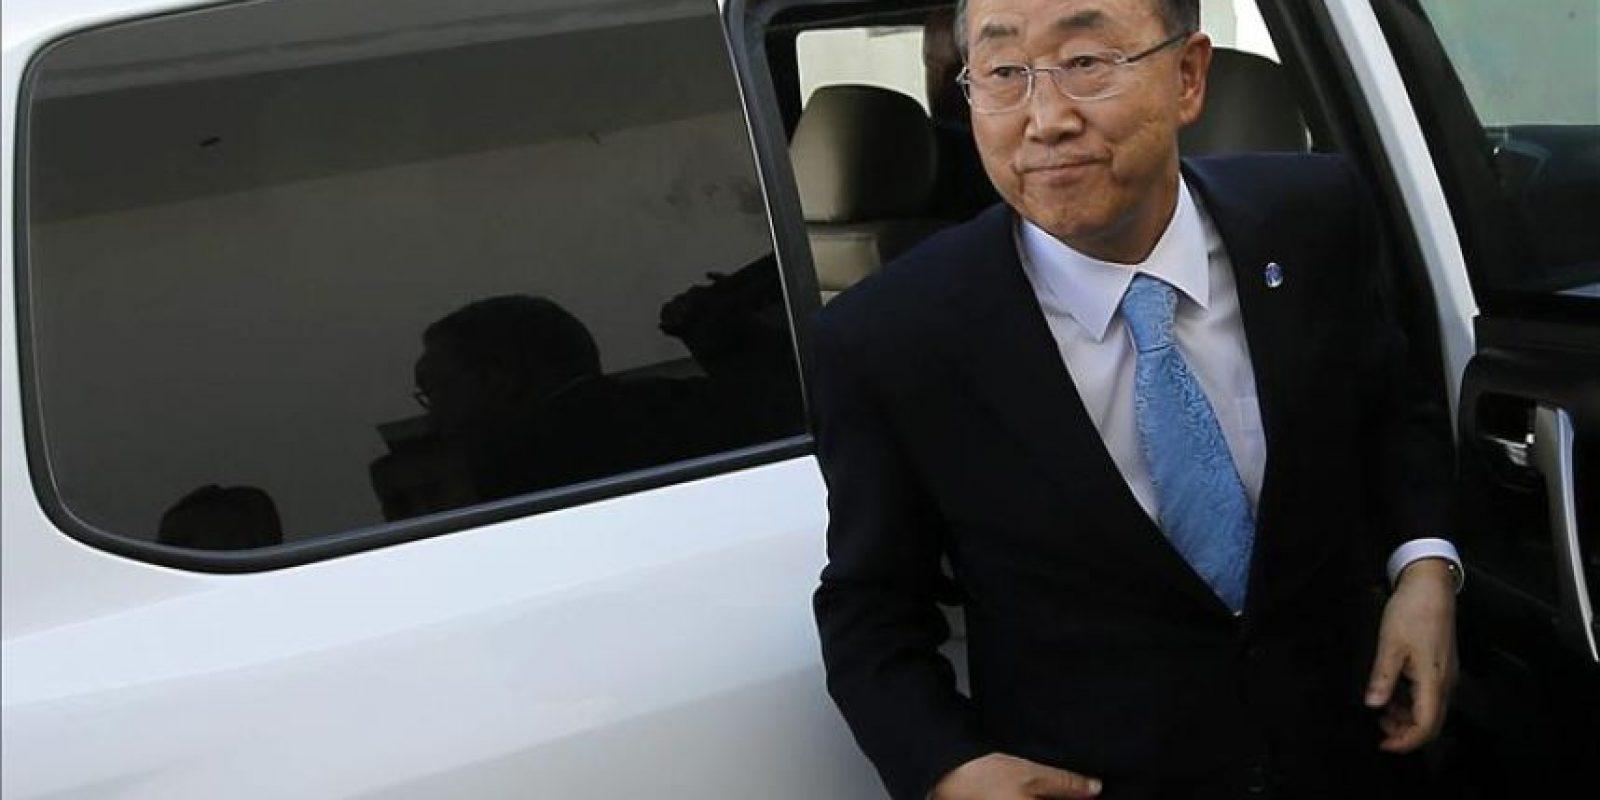 El secretario general de la ONU, Ban Ki-moon, durante su visita al puerto de Gaza en la Ciudad de Gaza, hoy, martes 14 de octubre de 2014. EFE